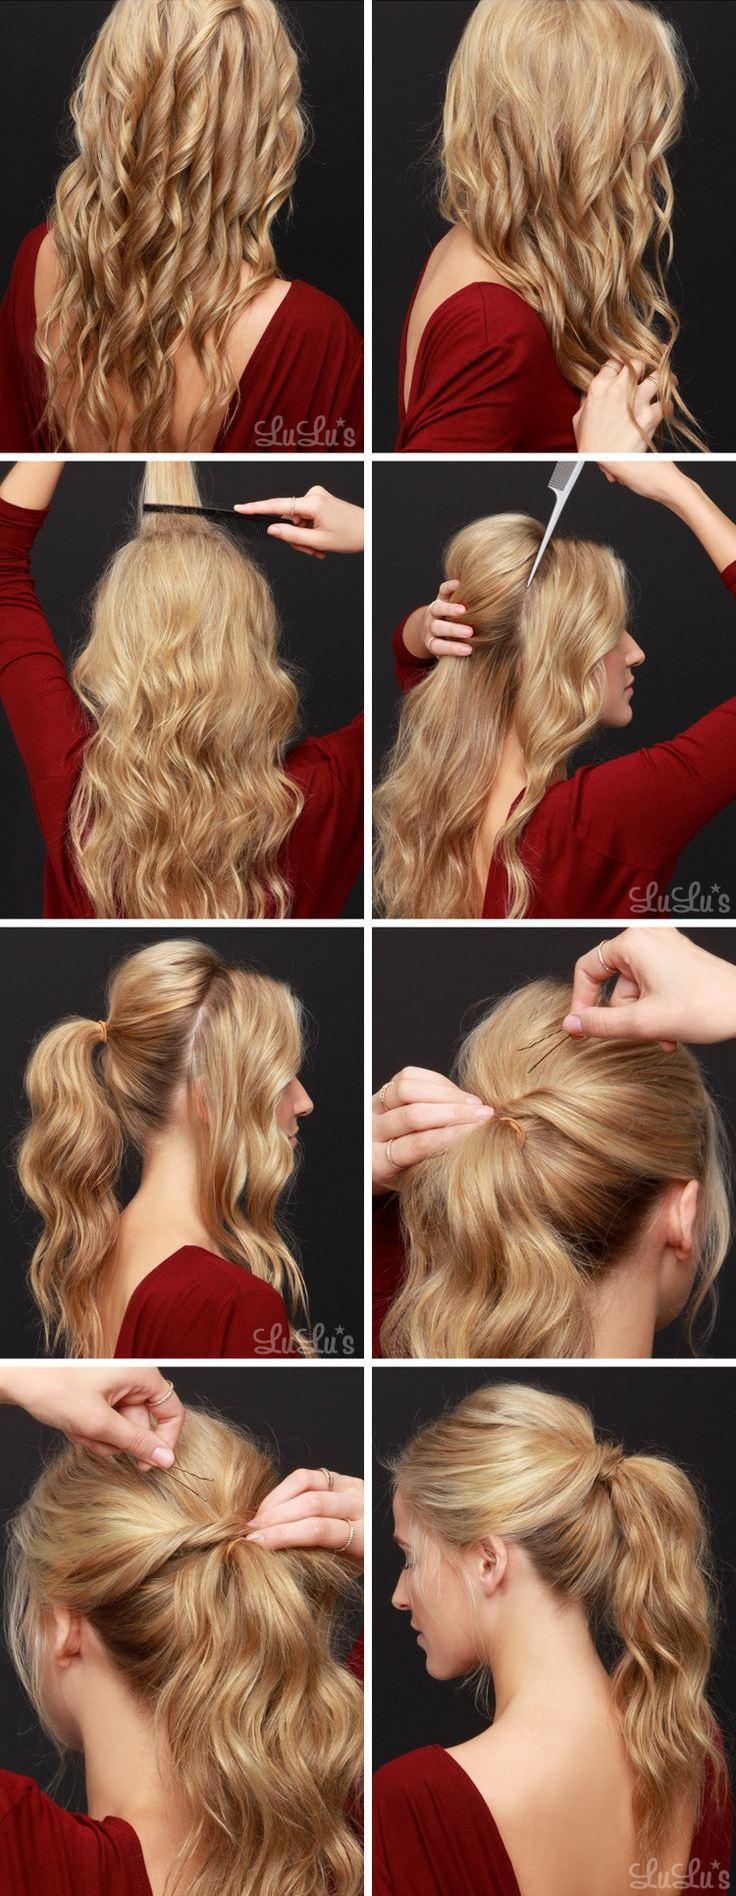 tirabuzones en todo el cabello con unas tenacillas 2 desliza los dedos entre los rizos para deshacerlos un poco y romper con la seriedad del peinado - Peinados Con Tenacillas